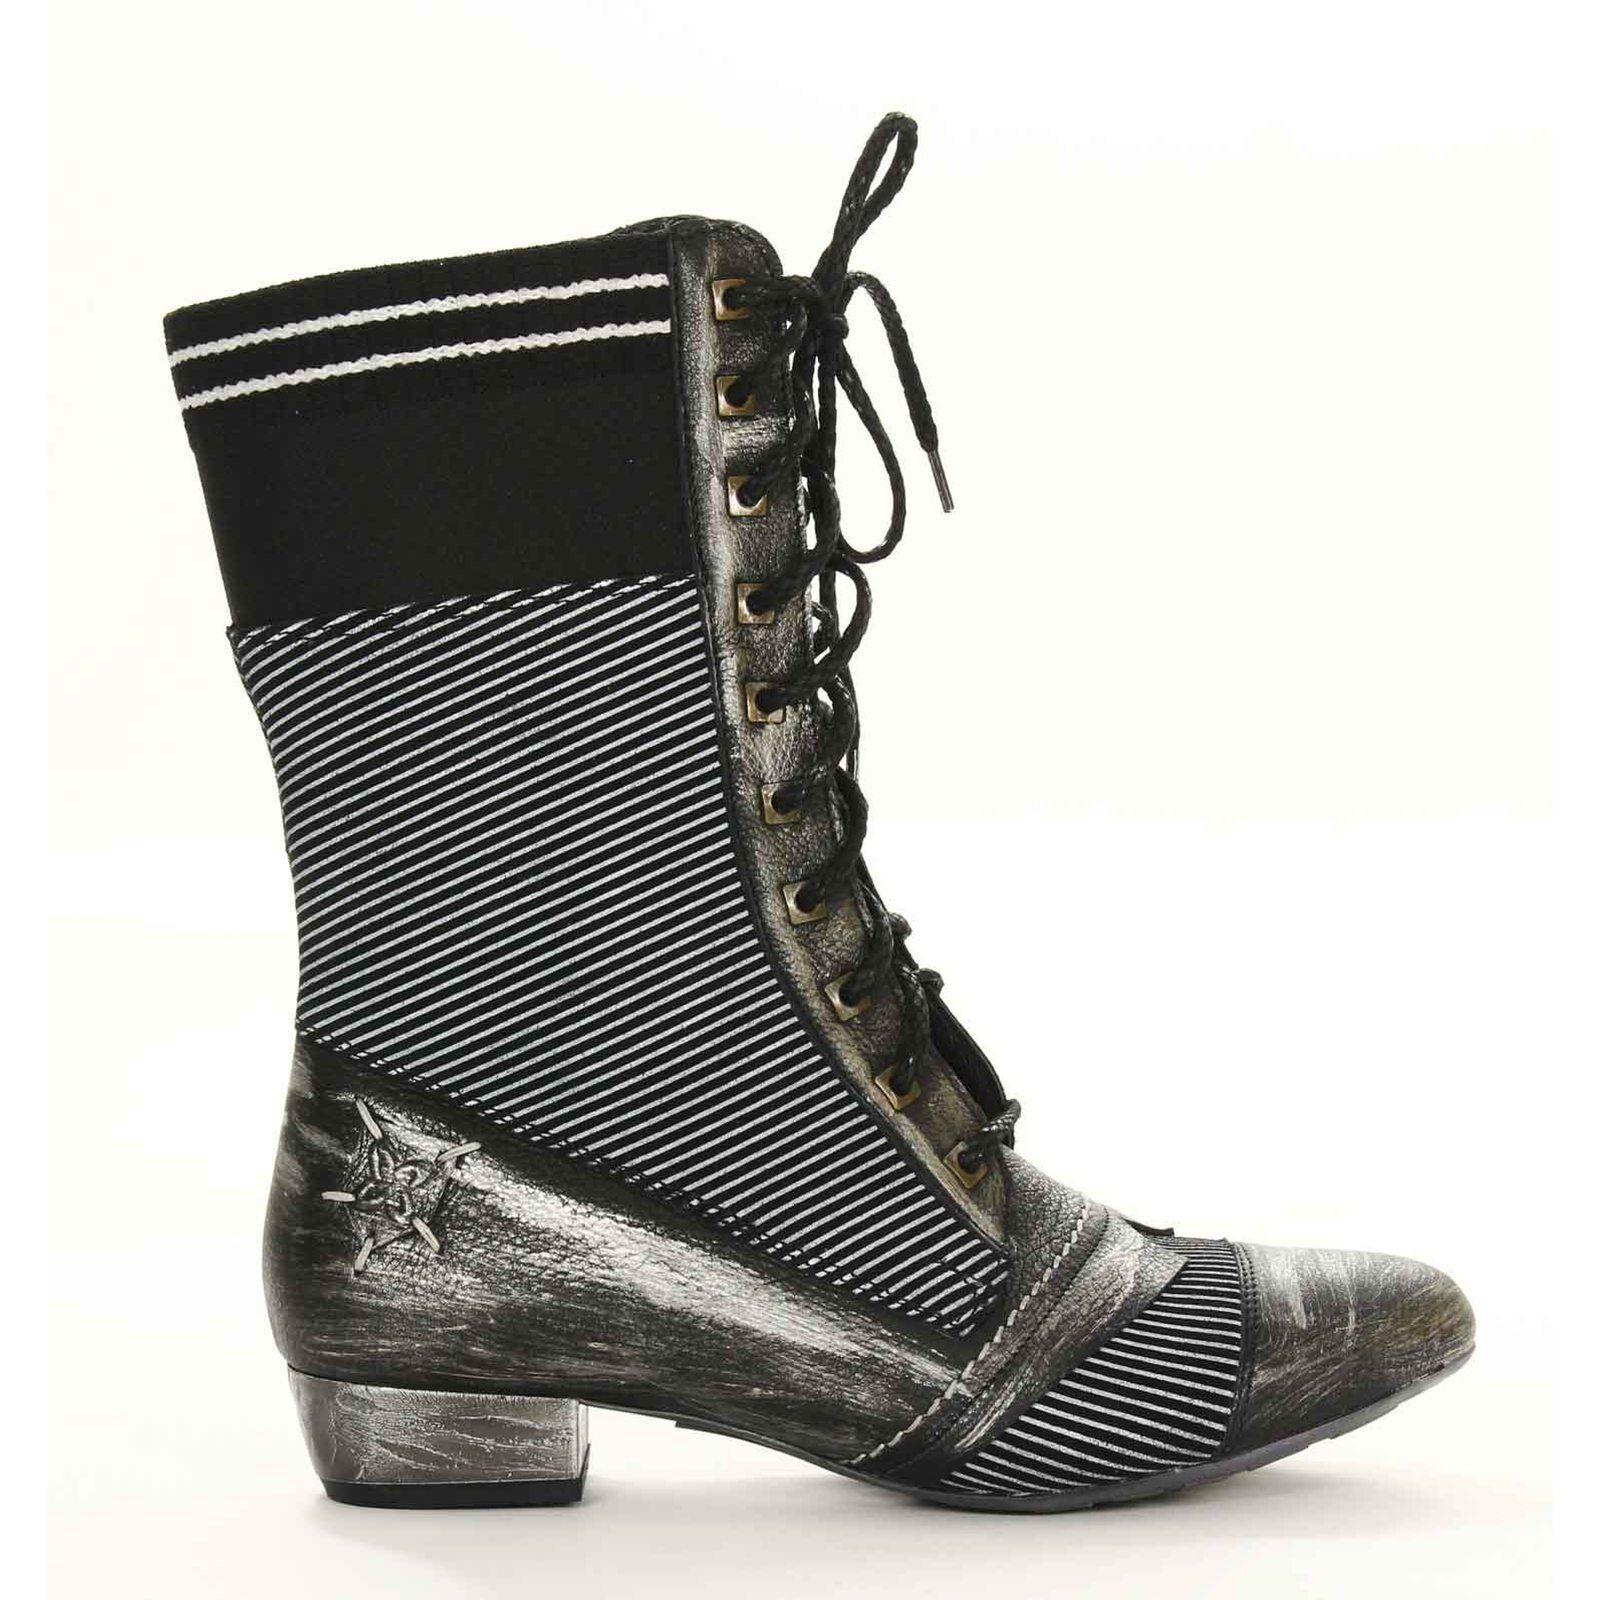 Maciejka Corto botas De Cuero gris Negro Bloque Talón Zapato de Invierno para Mujer